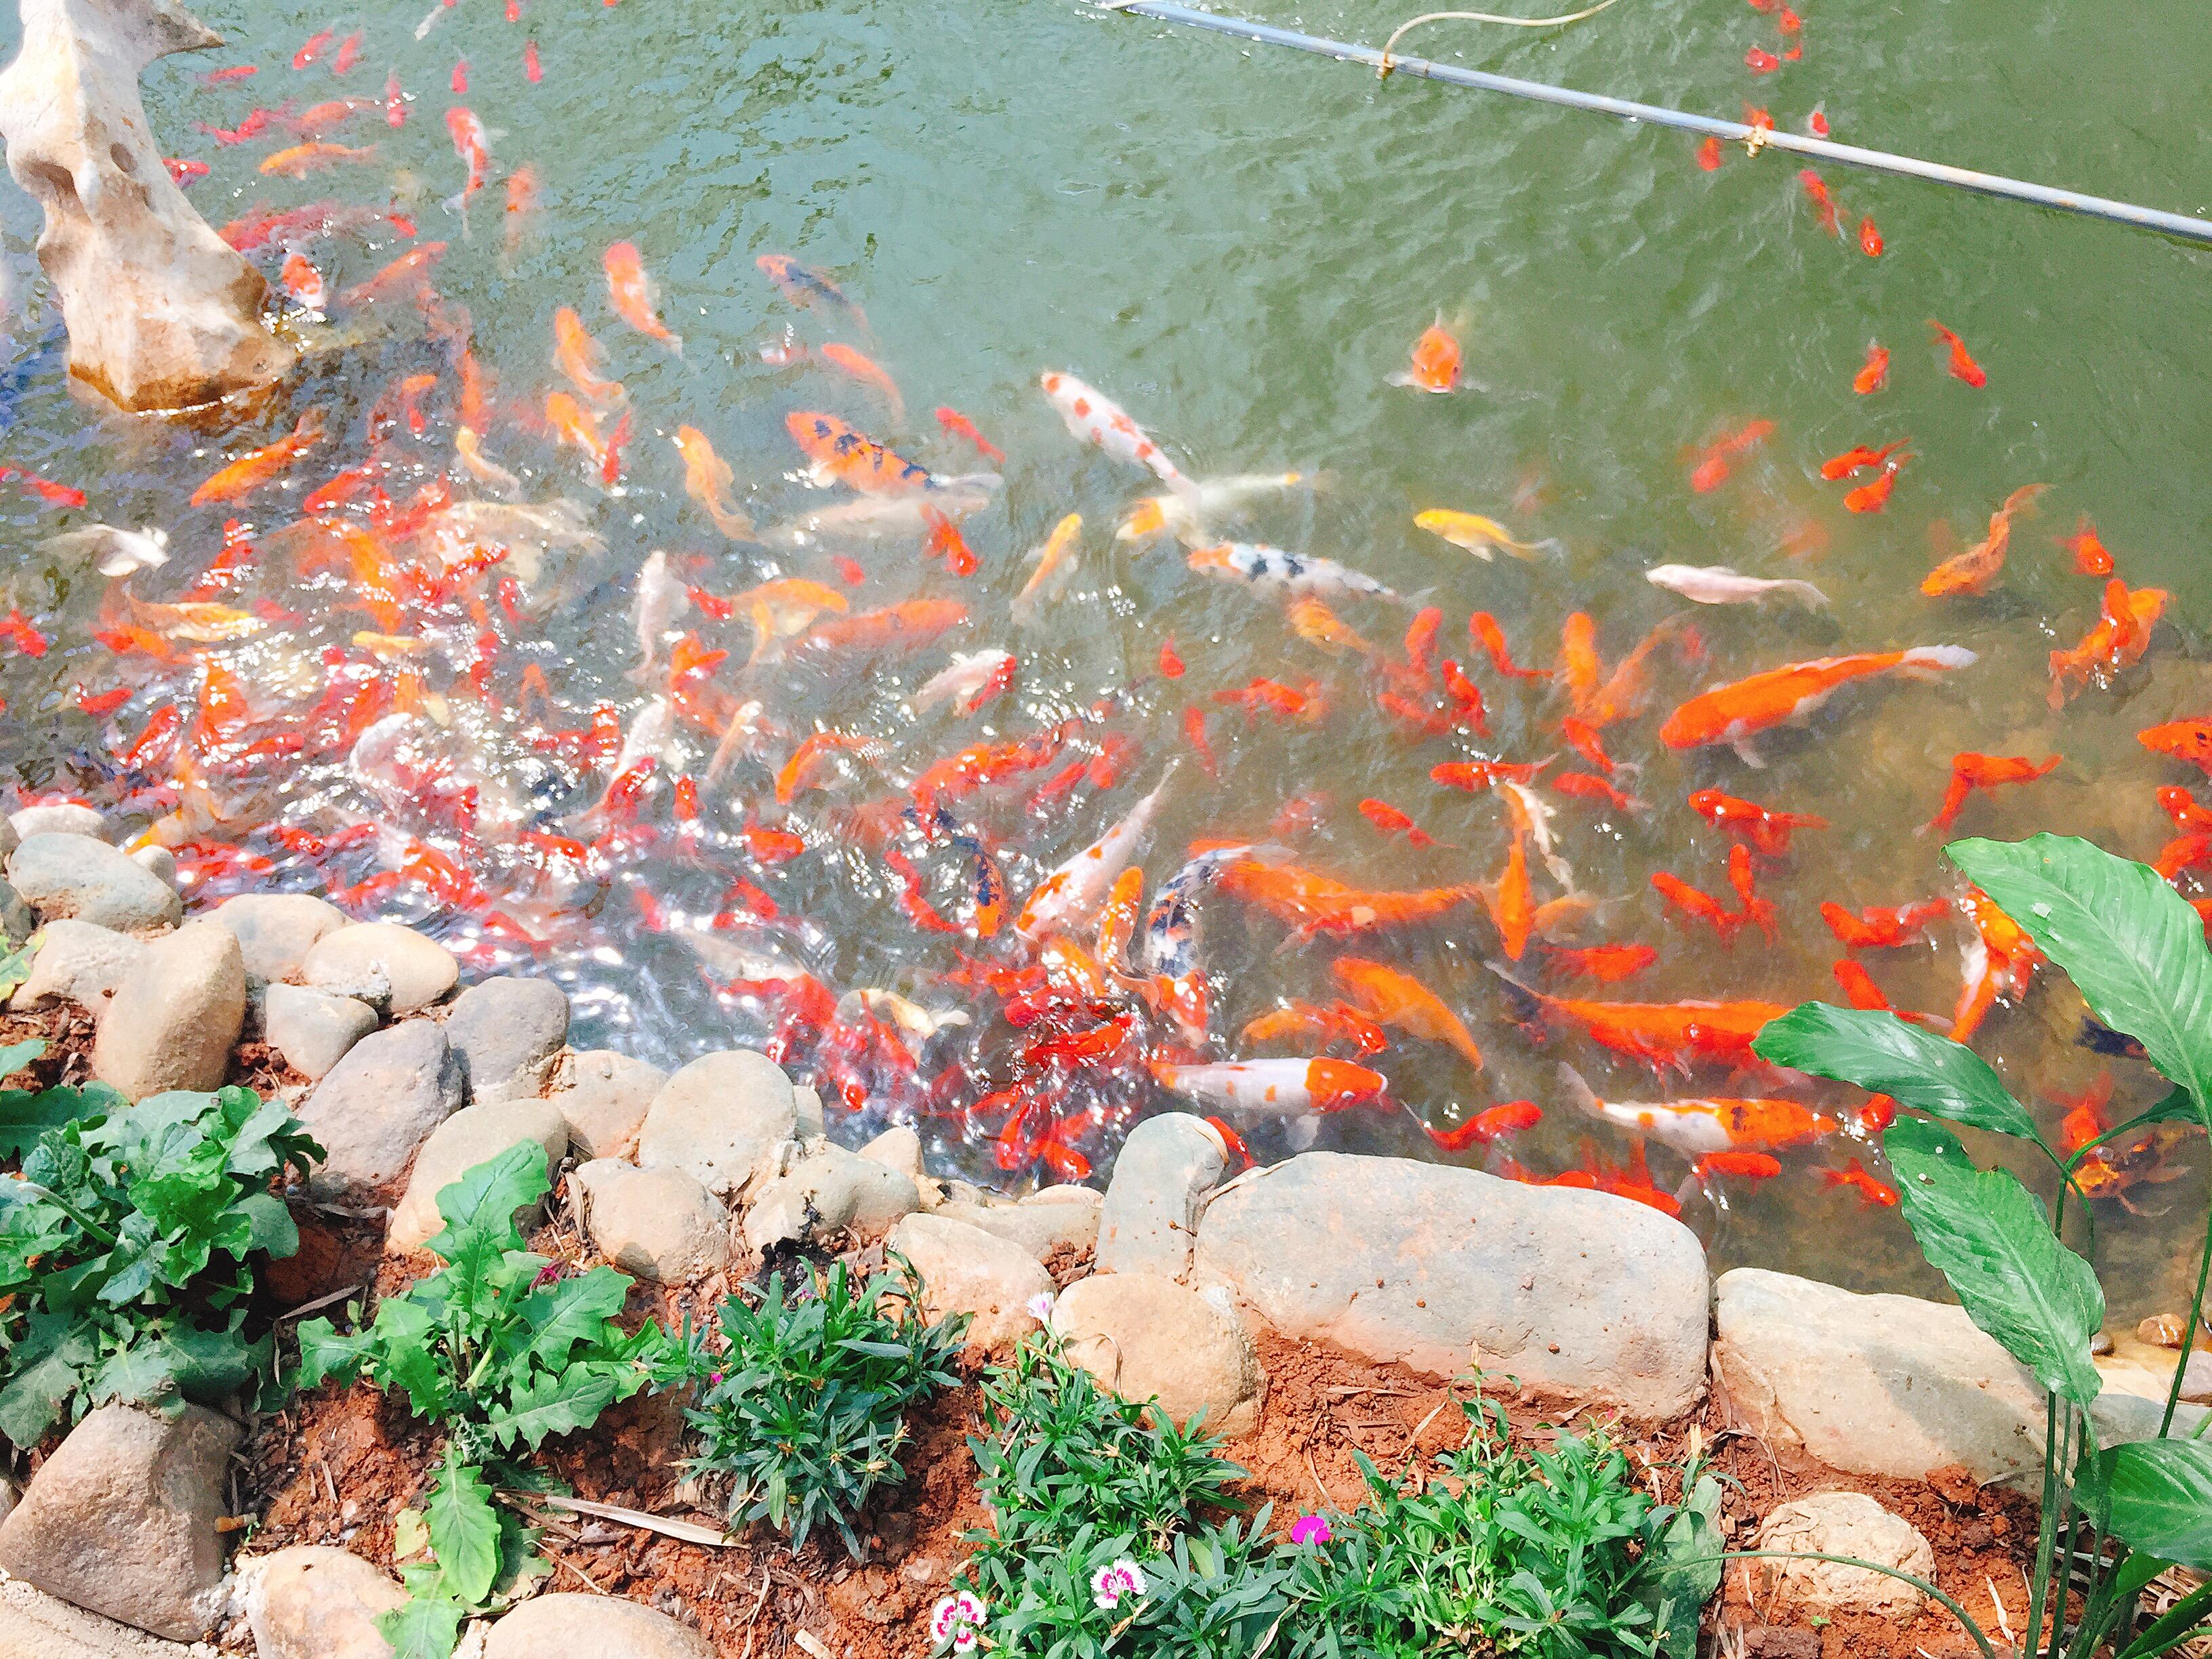 Suối cá vàng theo phong cách Nhật Bản